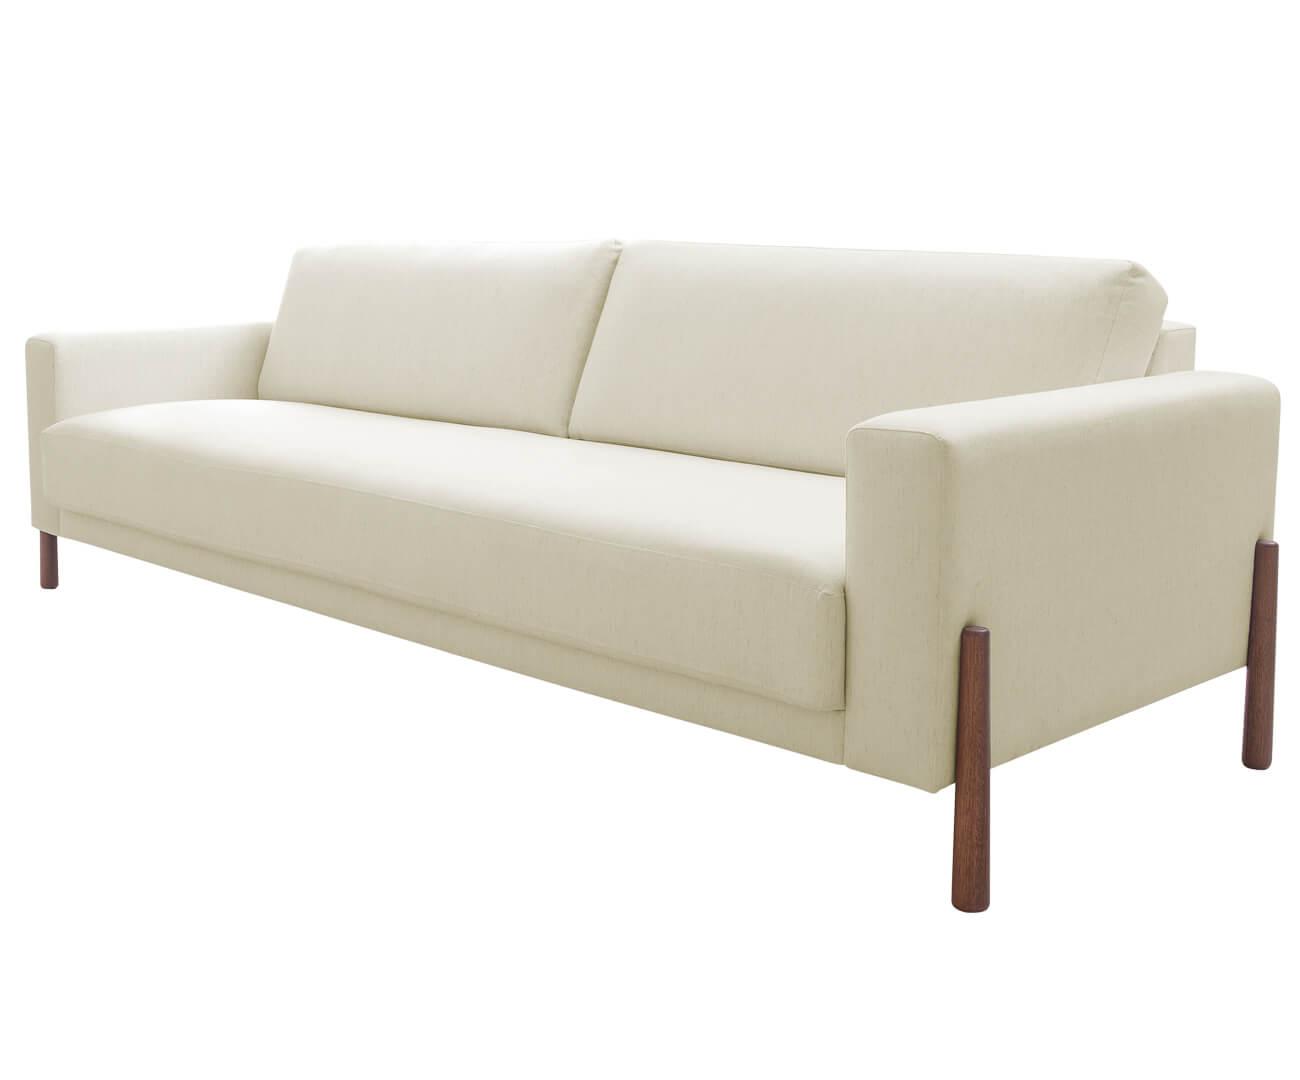 sofá com pés em madeira monaco 3 lugares 1307